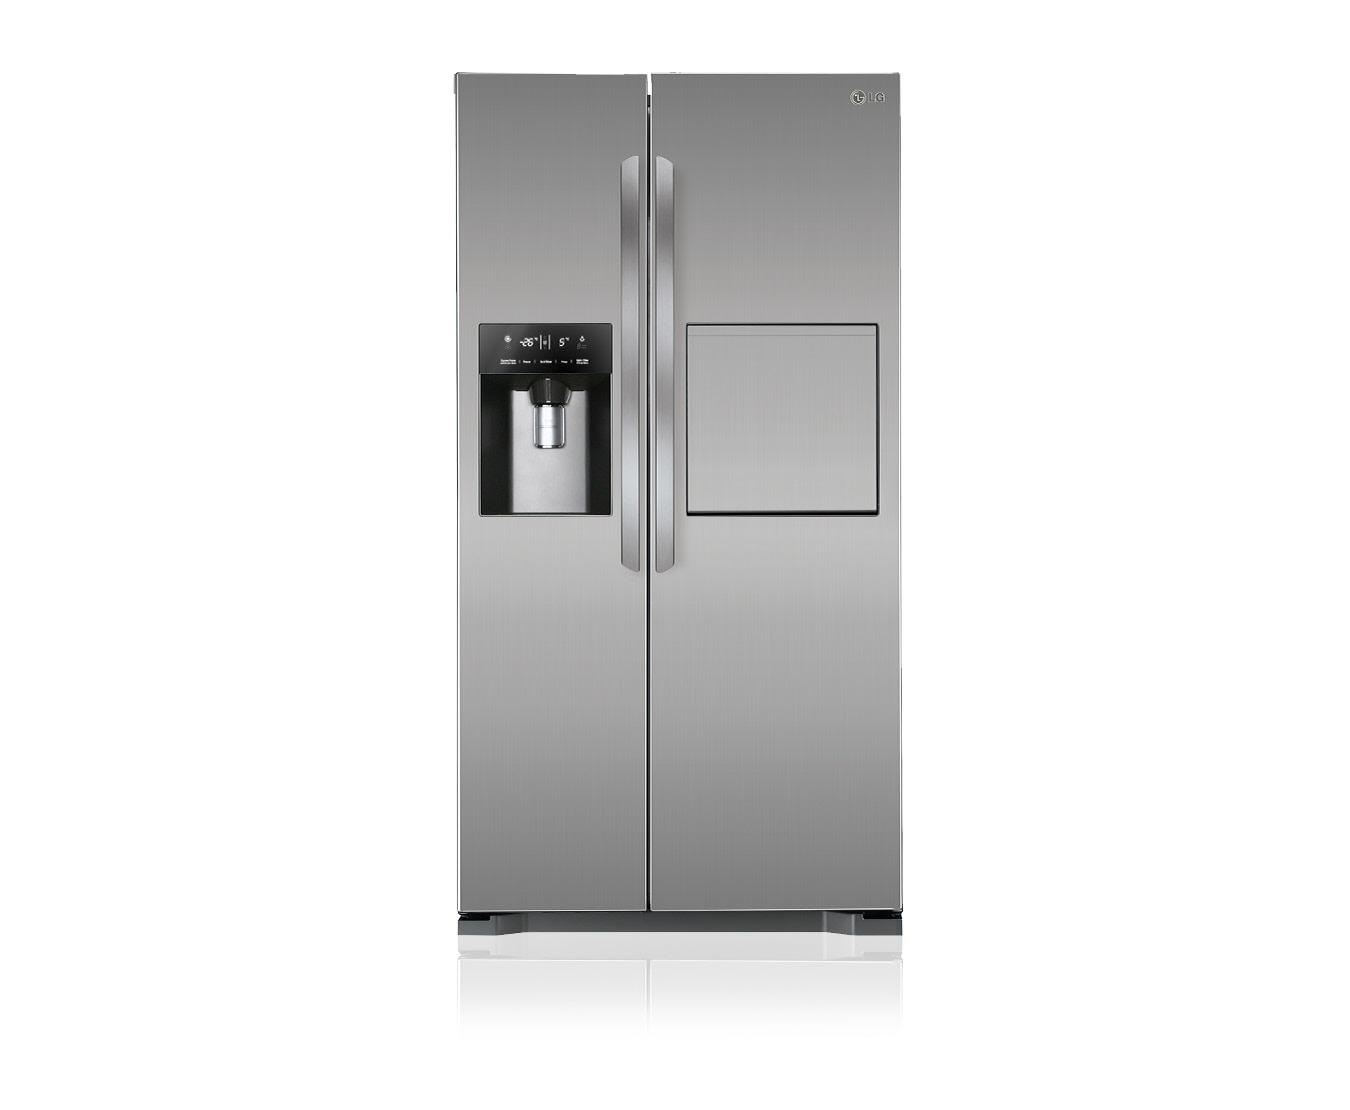 Bosch Kühlschrank Thermostat : Bedeutung kühlschrank symbole tobin bonnie blog